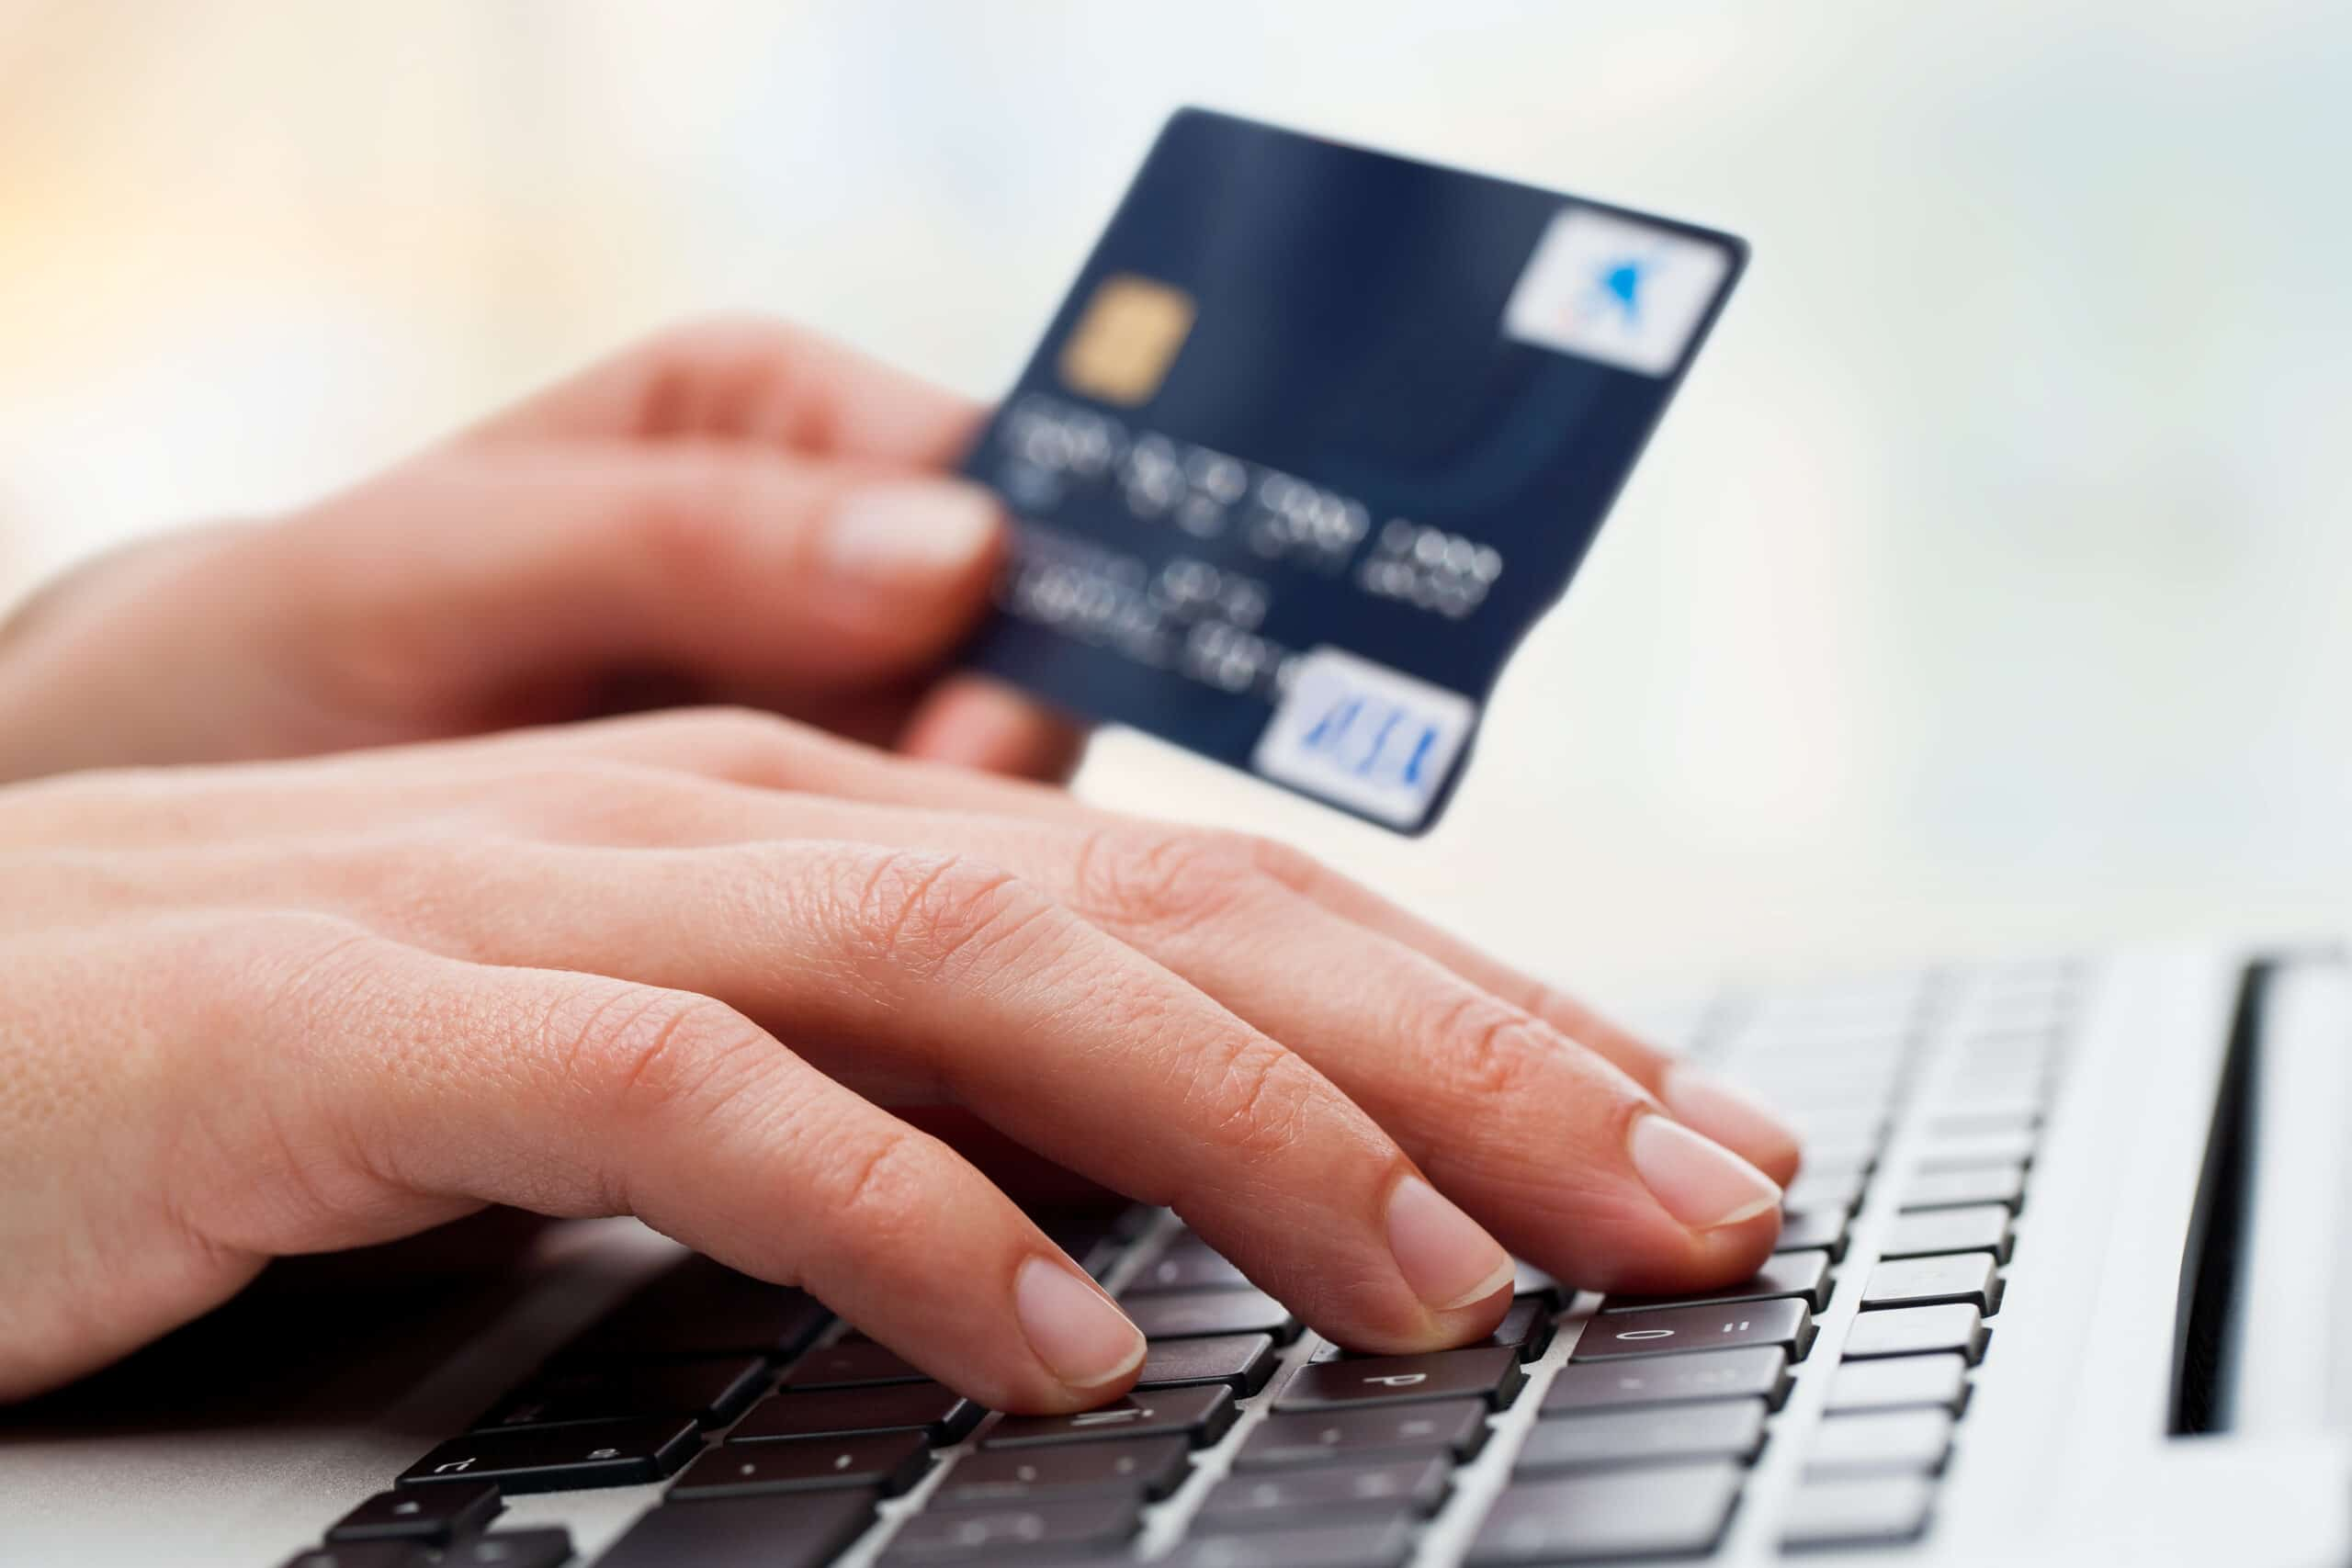 КоммерсантЪ: «Подозрения в особо крупных размерах. ЦБ избавляет ведущие банки от сомнительных клиентов»